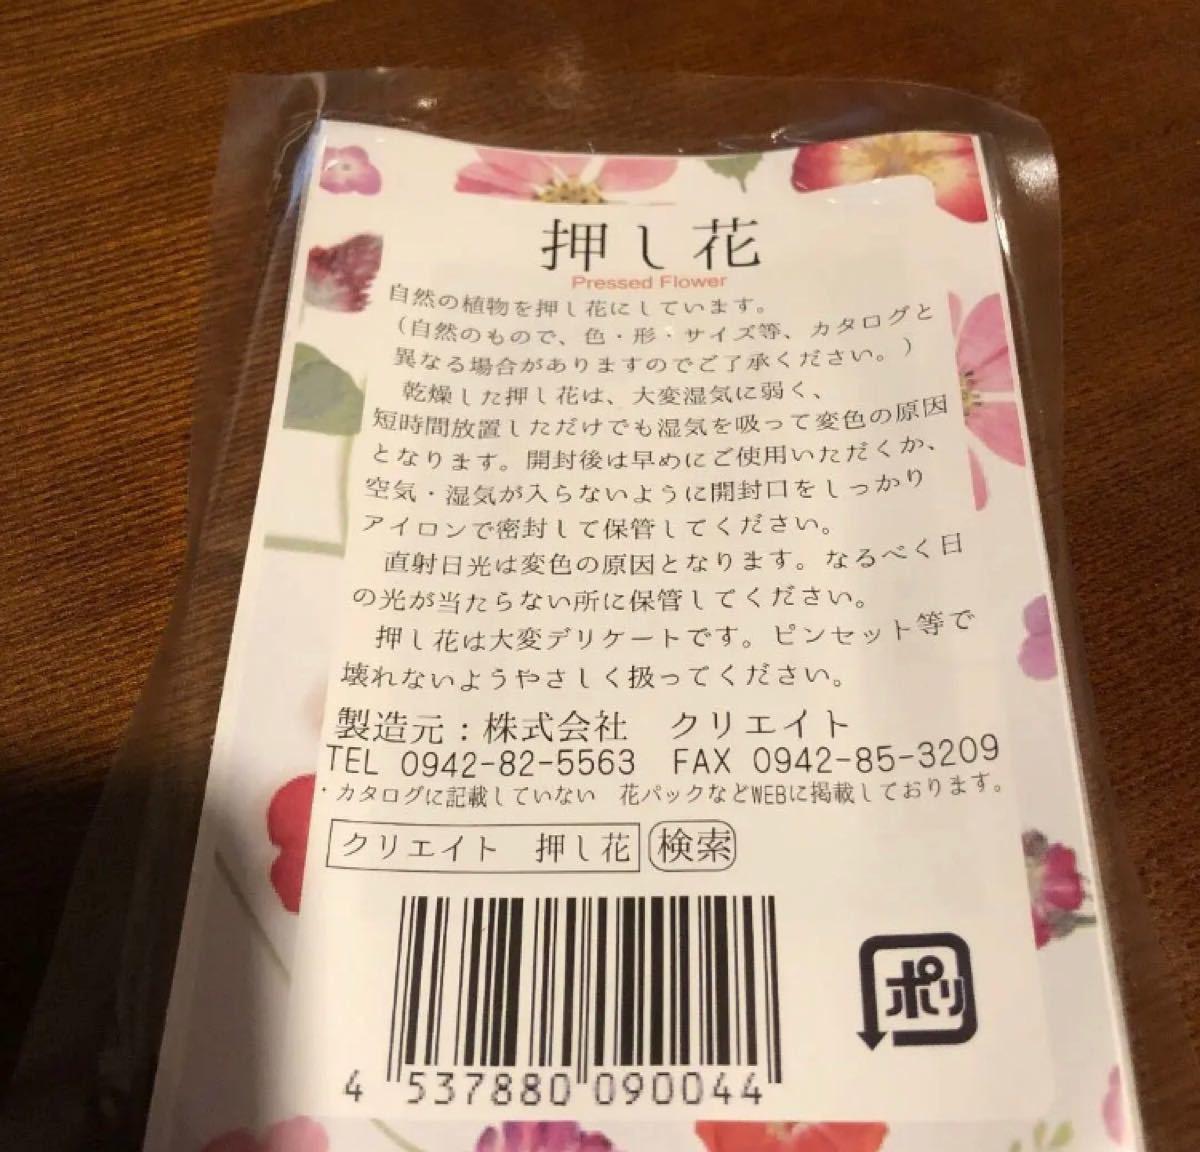 【ハンドメイドに】押し花 バーベナミックス